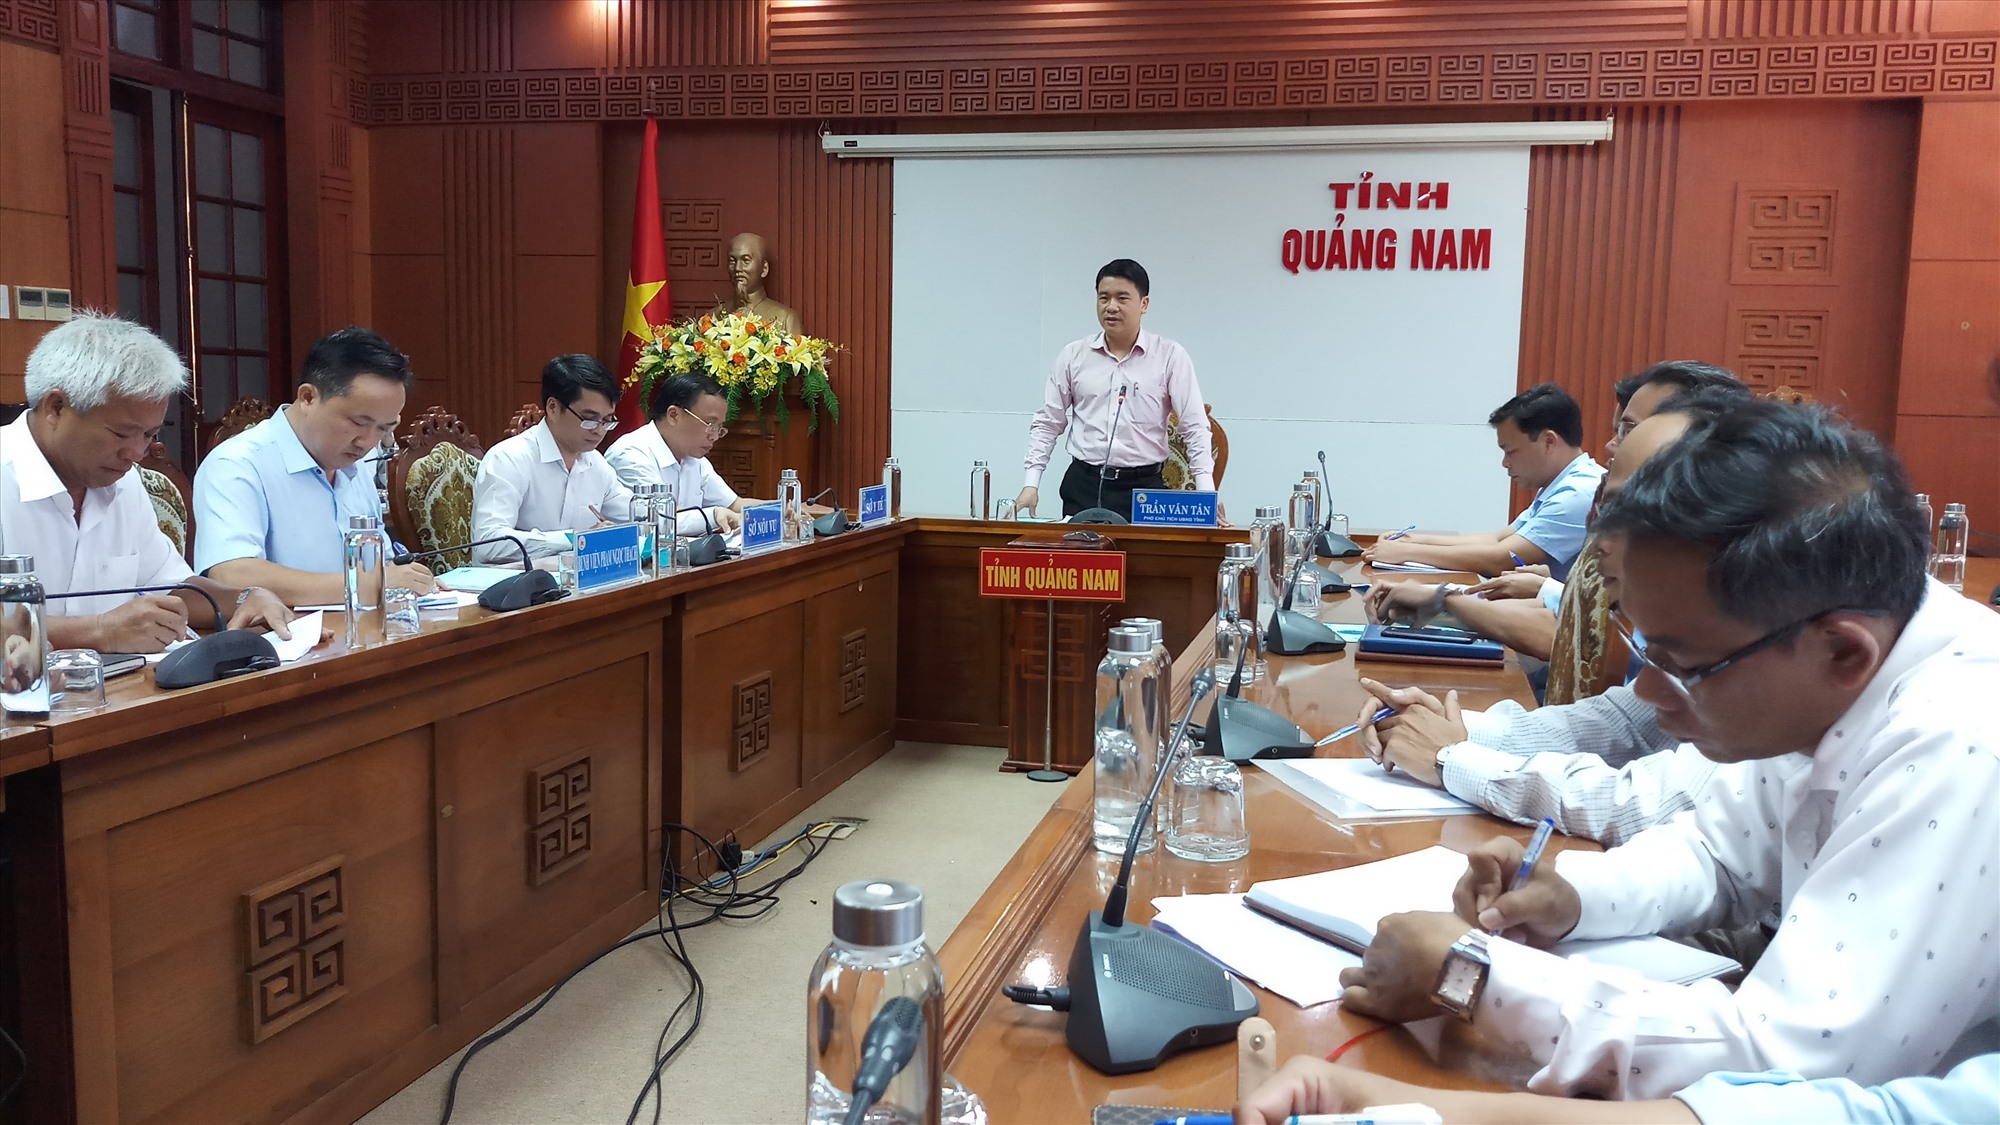 Phó Chủ tịch UBND tỉnh Trần Văn Tân kết luận tại buổi làm việc. Ảnh: ALĂNG NGƯỚC